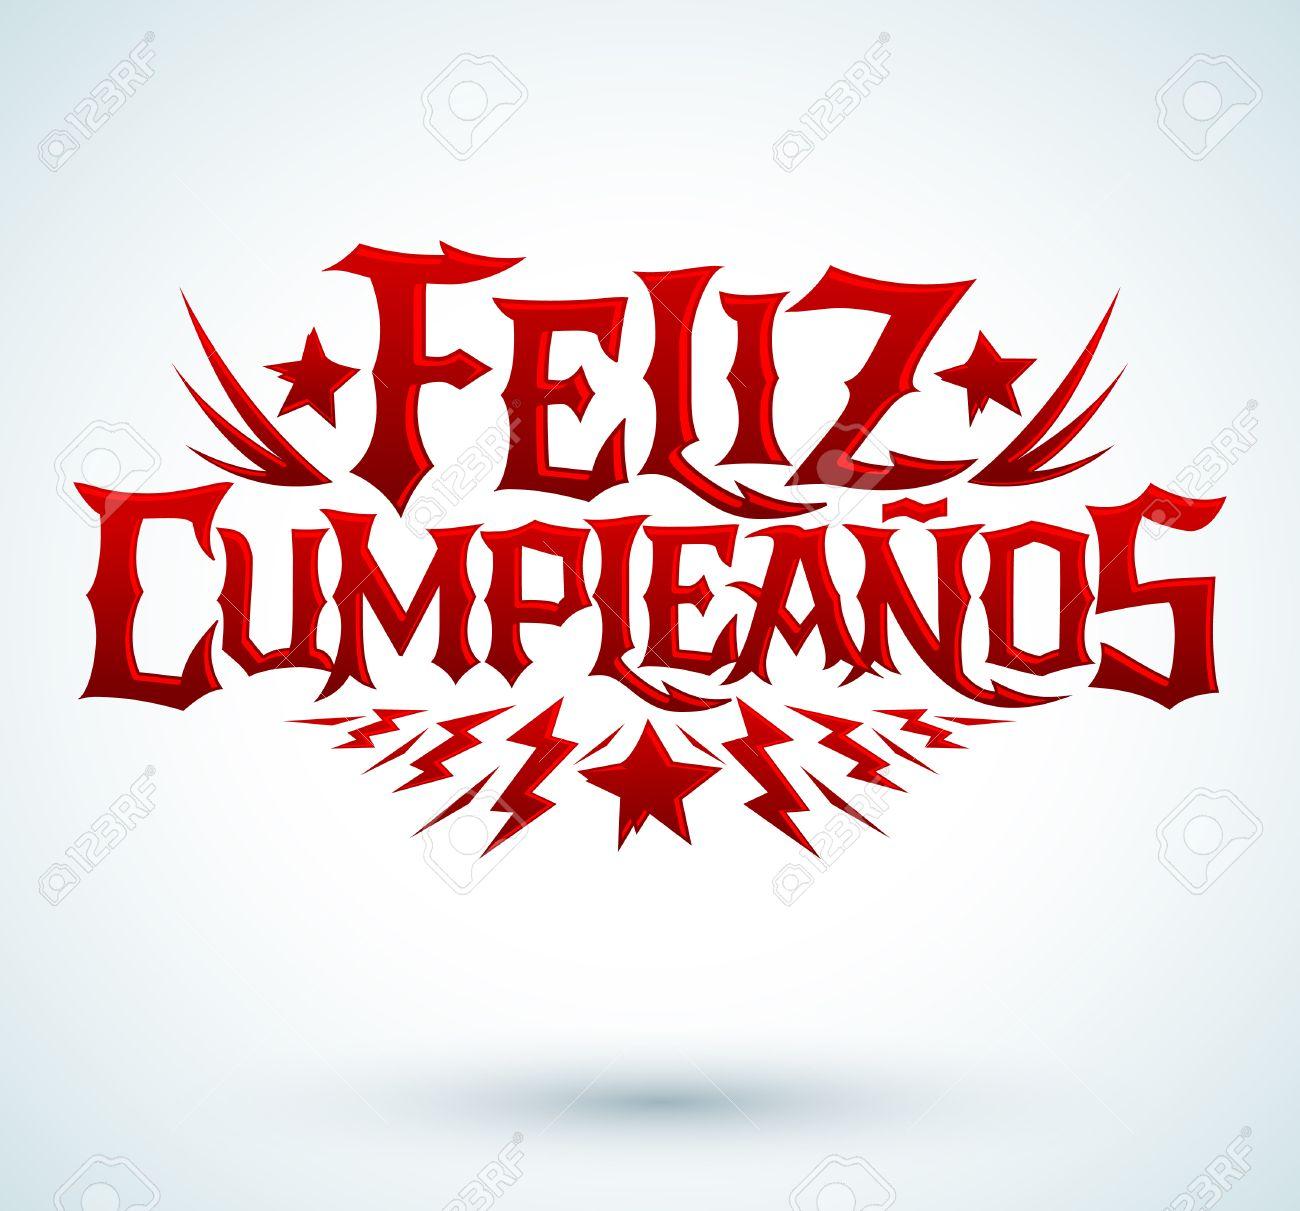 Feliz Cumpleanos Happy Birthday Spanish Text Vector Hardcore